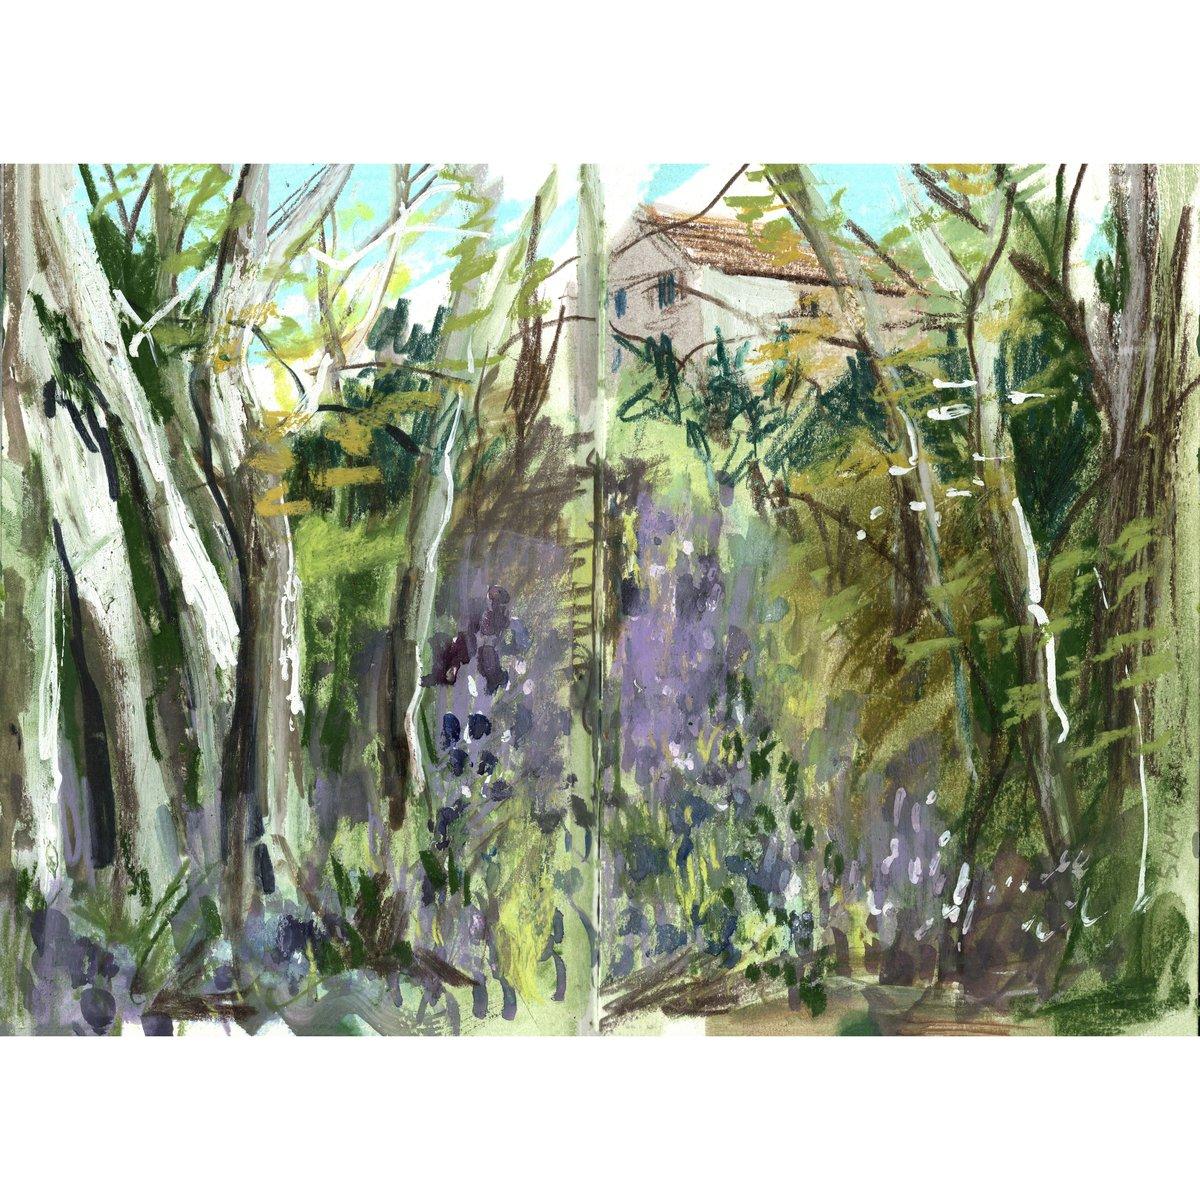 Image of Spring Sketches - Sketchbook Zine